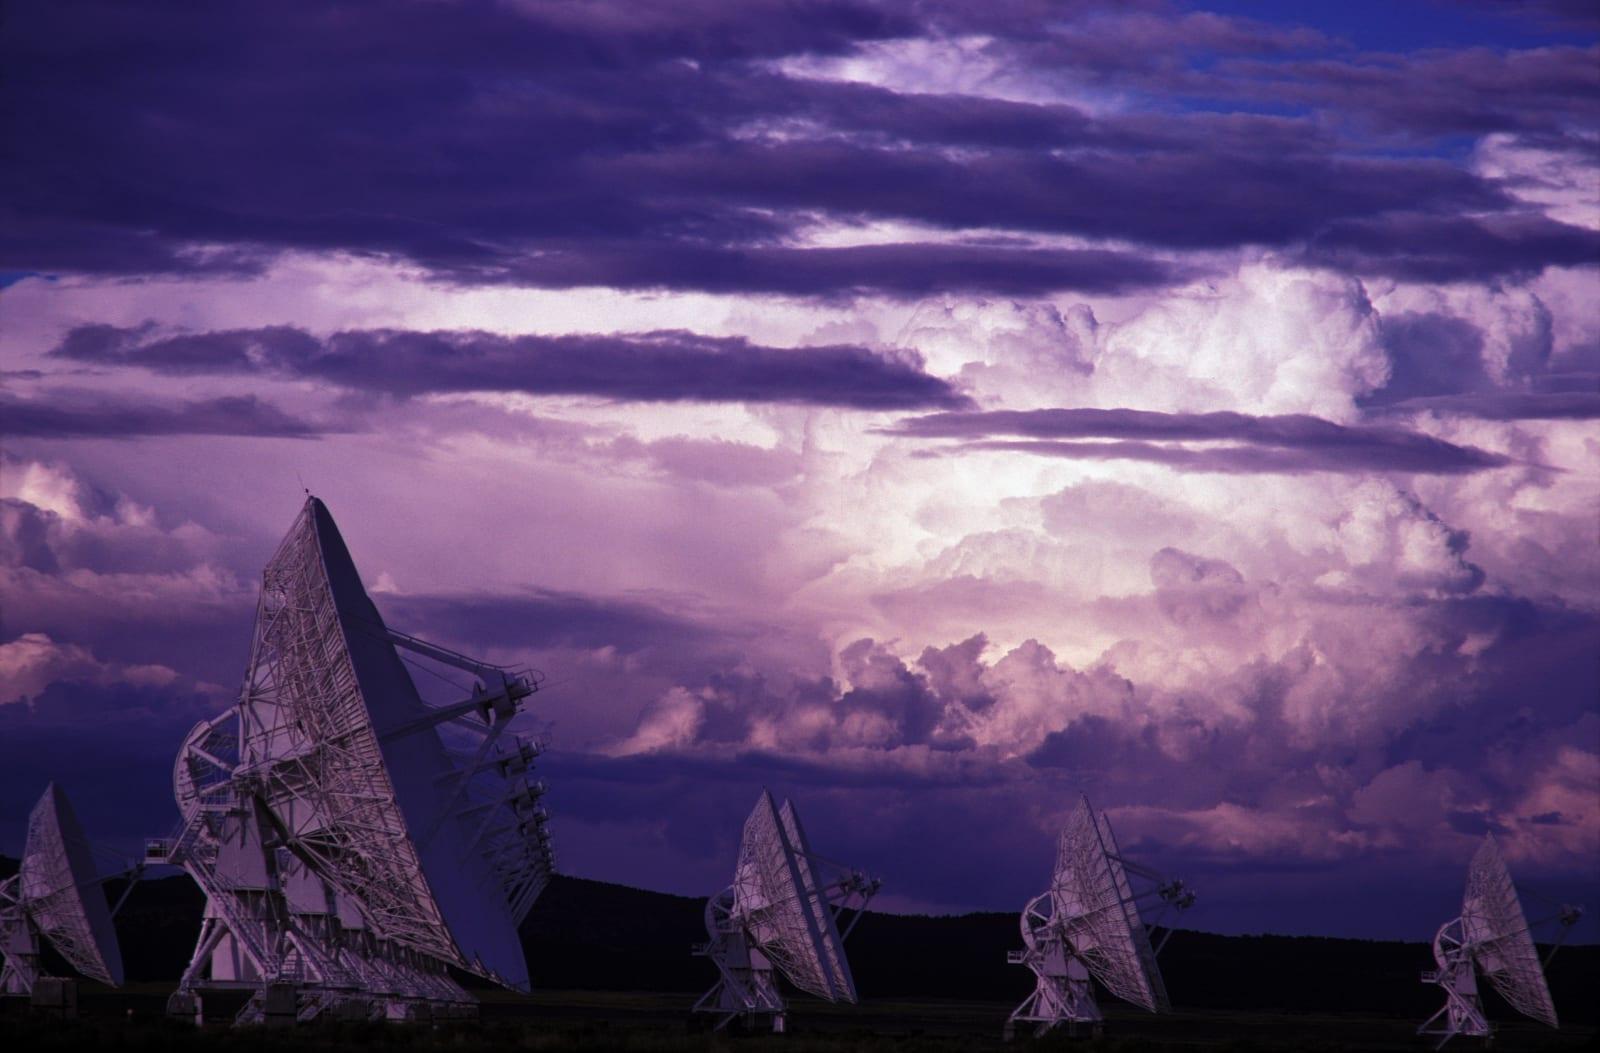 VLA, National Radio Astronomy Observatory